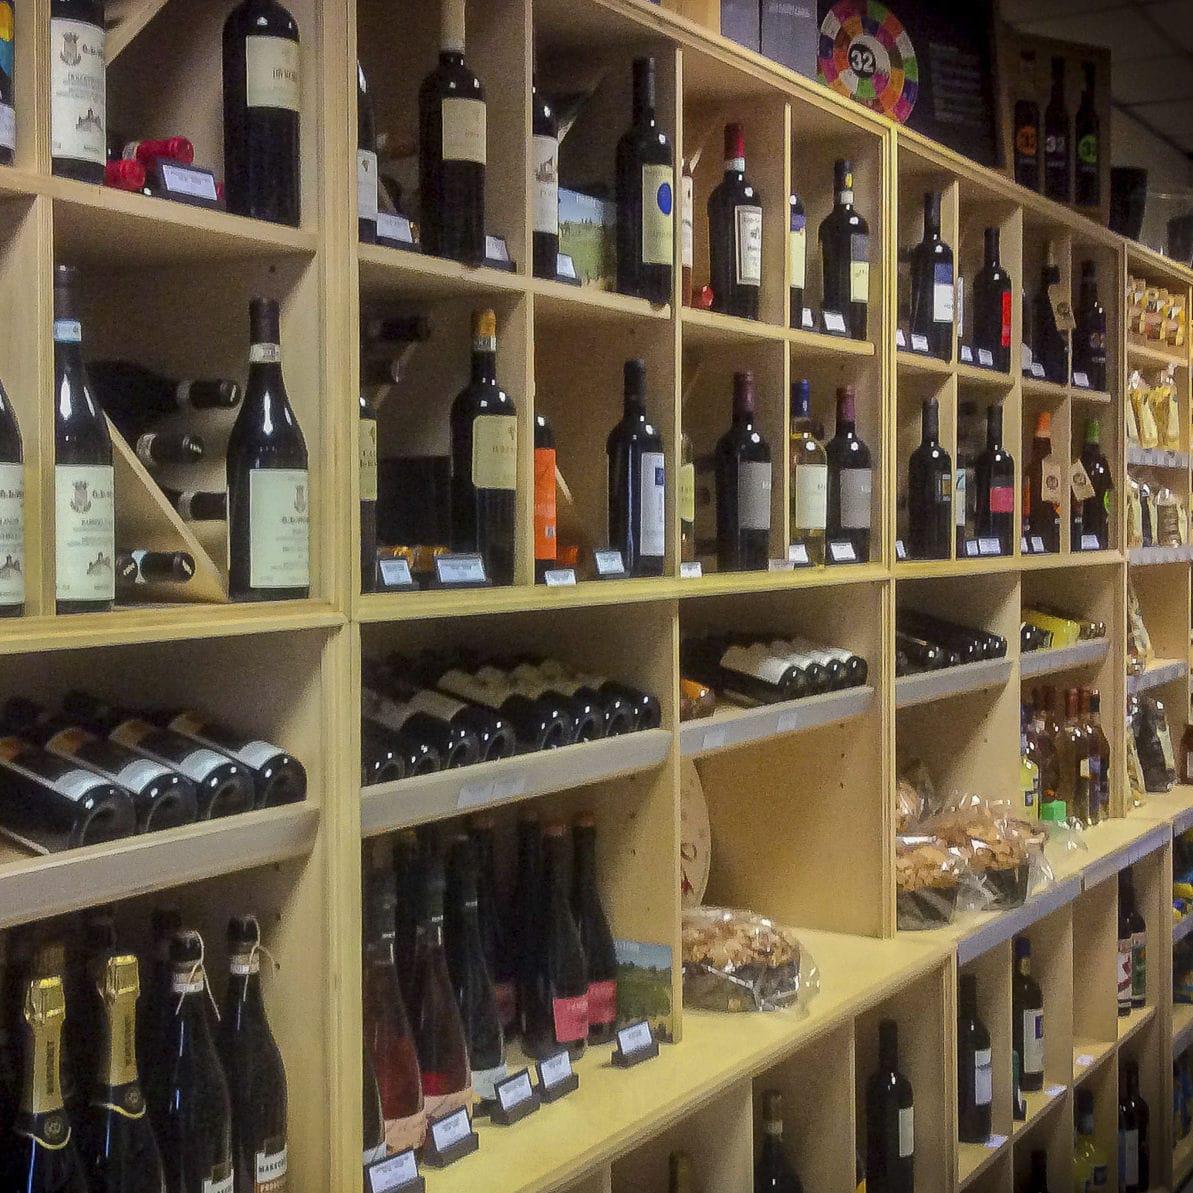 Wall Mounted Display Rack Food Bottle Wooden La